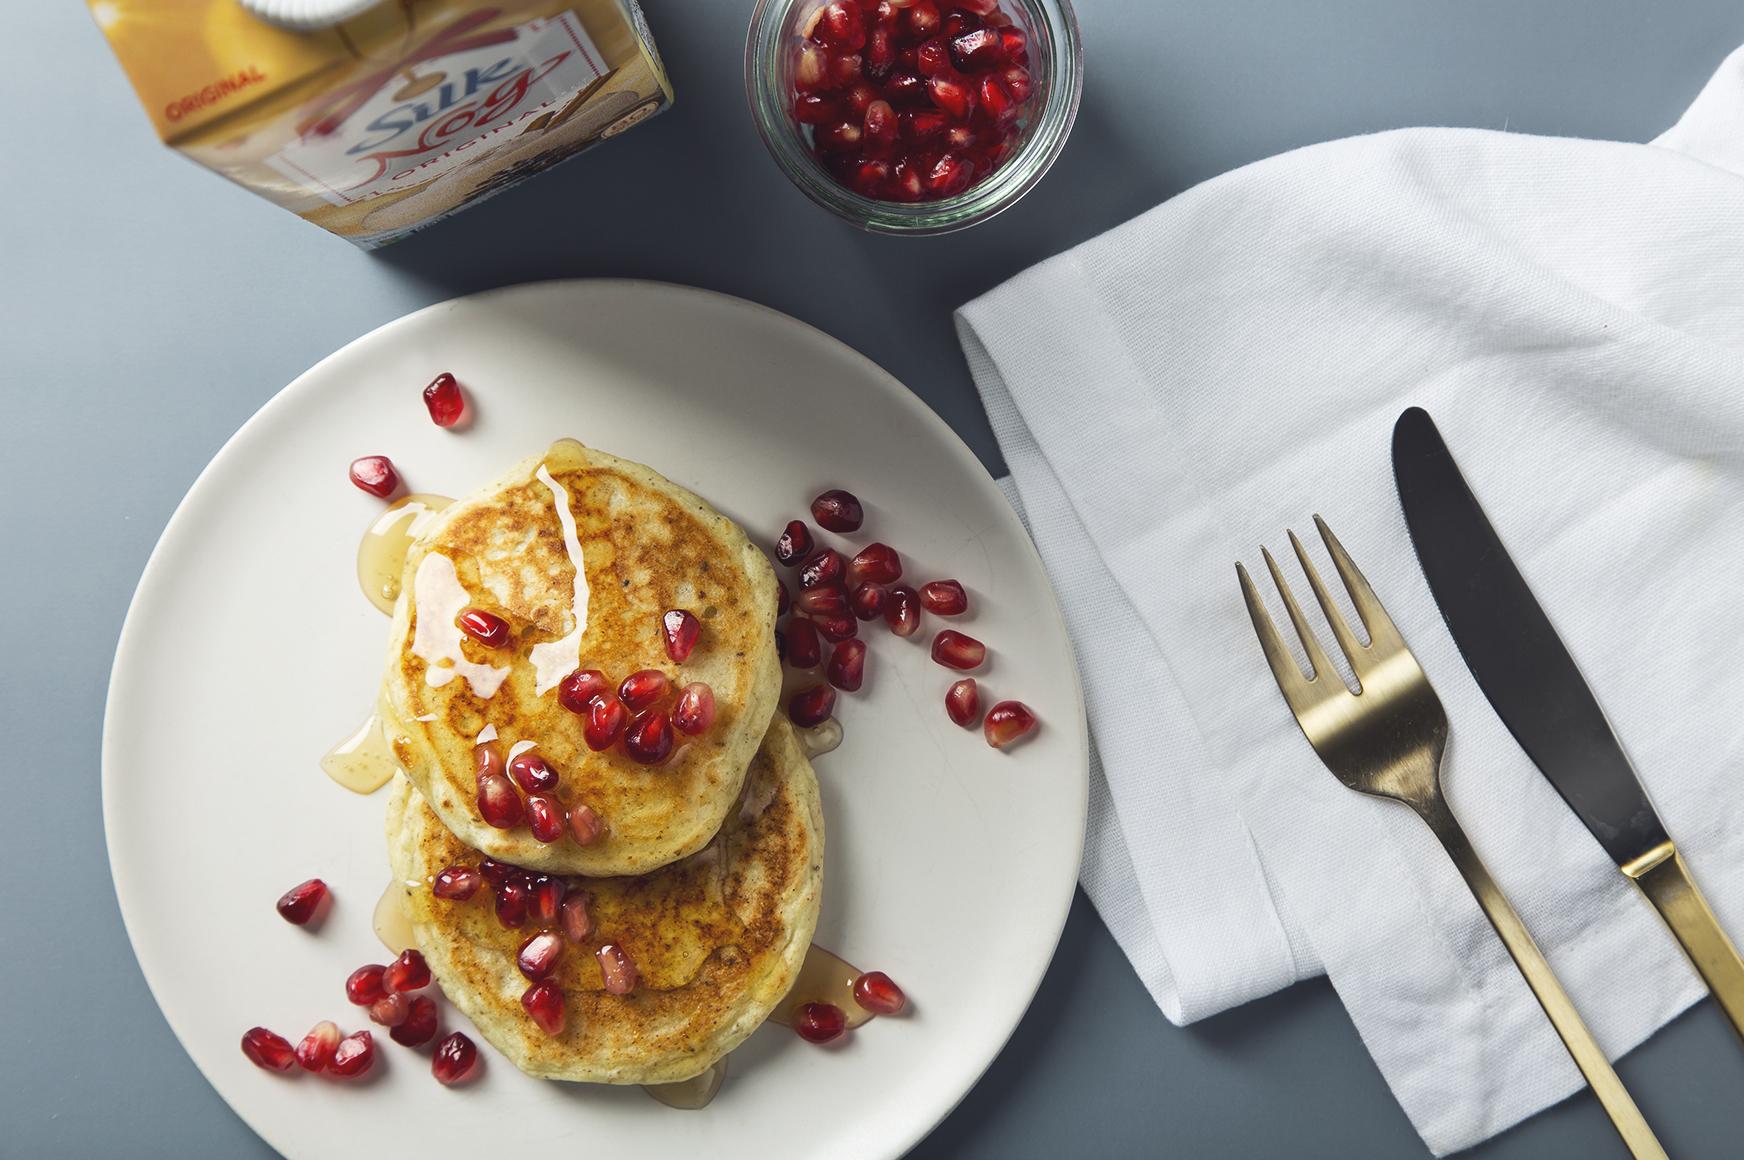 Easy Vegan Egg Nog Pancakes! 7 Ingredients   picklesnhoney.com #recipe #vegan #eggnog #holidays #pancakes #dairyfree #breakfast #brunch